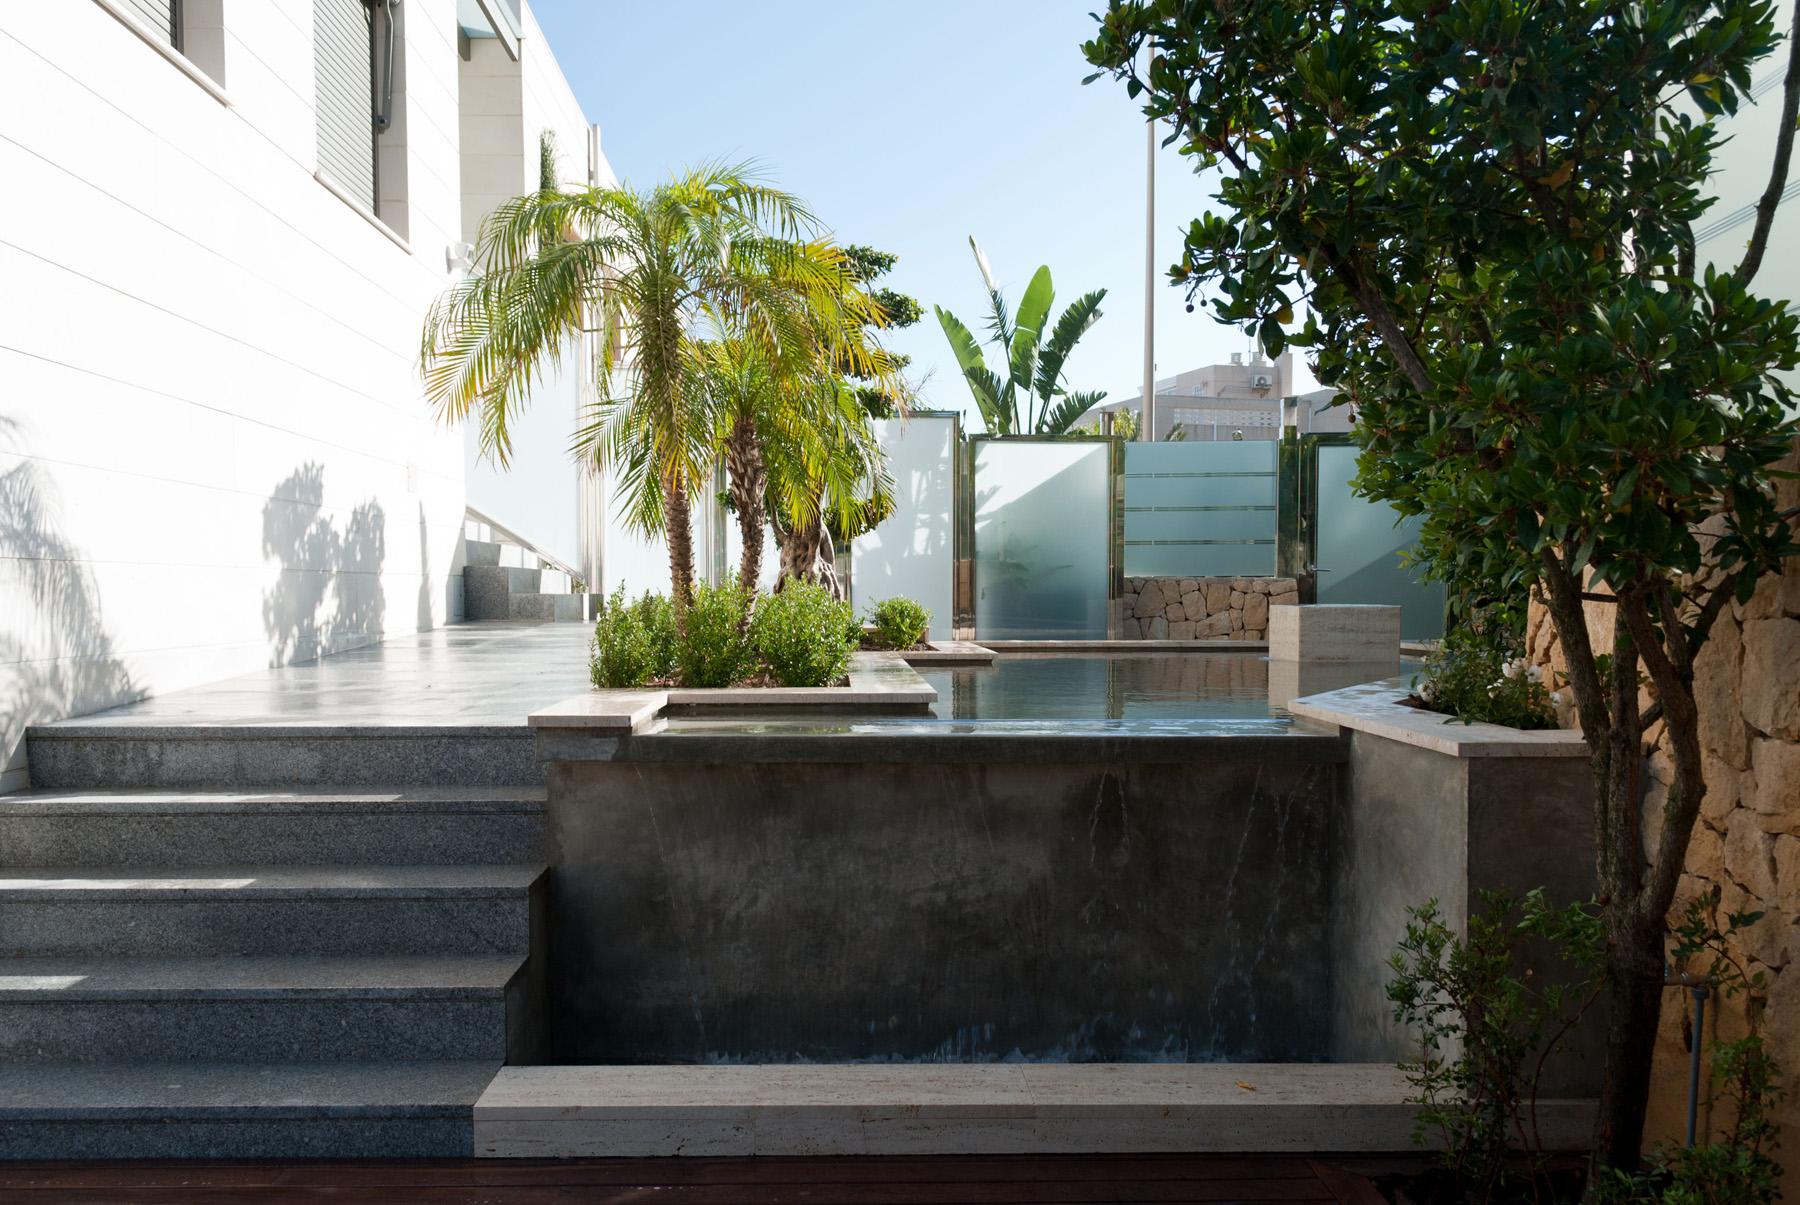 Jardin minimalista con estanque y cascada david jim nez for Cascada estanque prefabricado